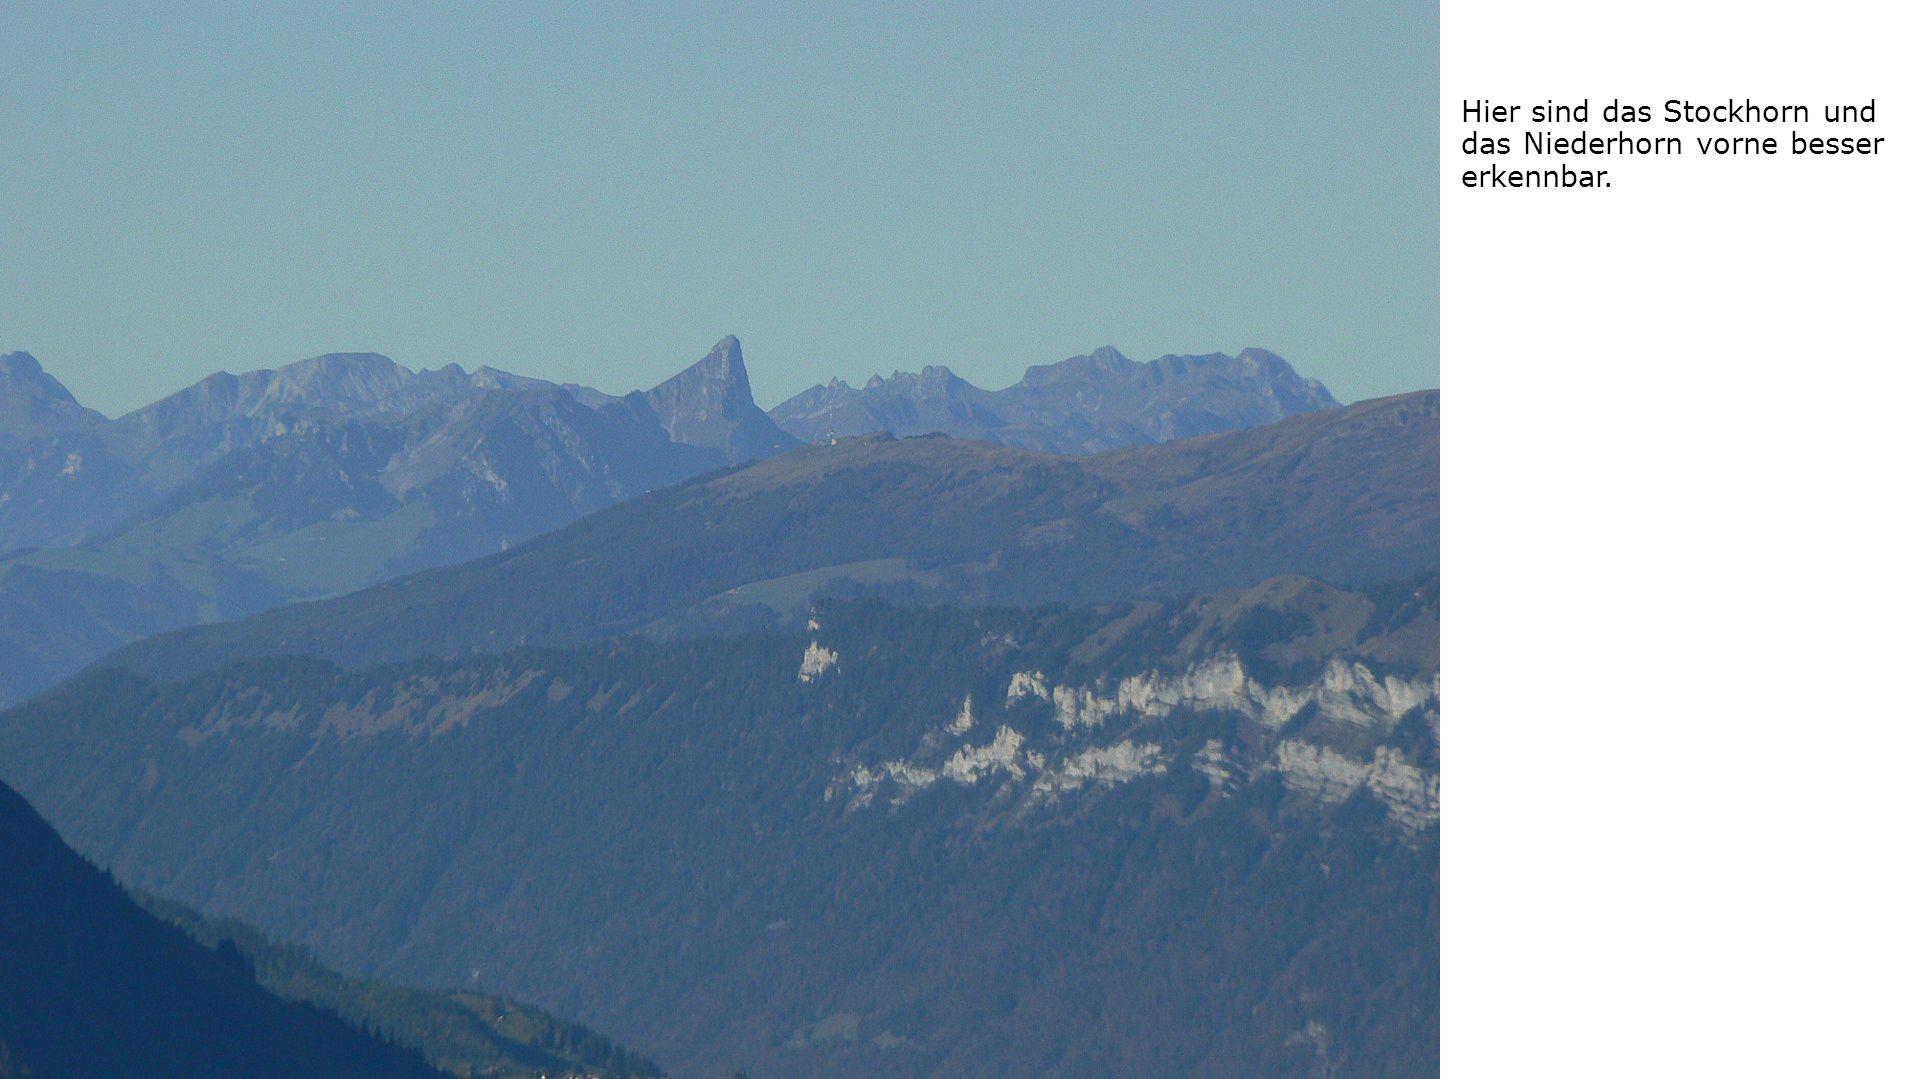 Es ist dieser einmalige Spazierweg auf 2250 m, der uns wahrscheinlich das Gefühl einer anderen Welt vermittelt.